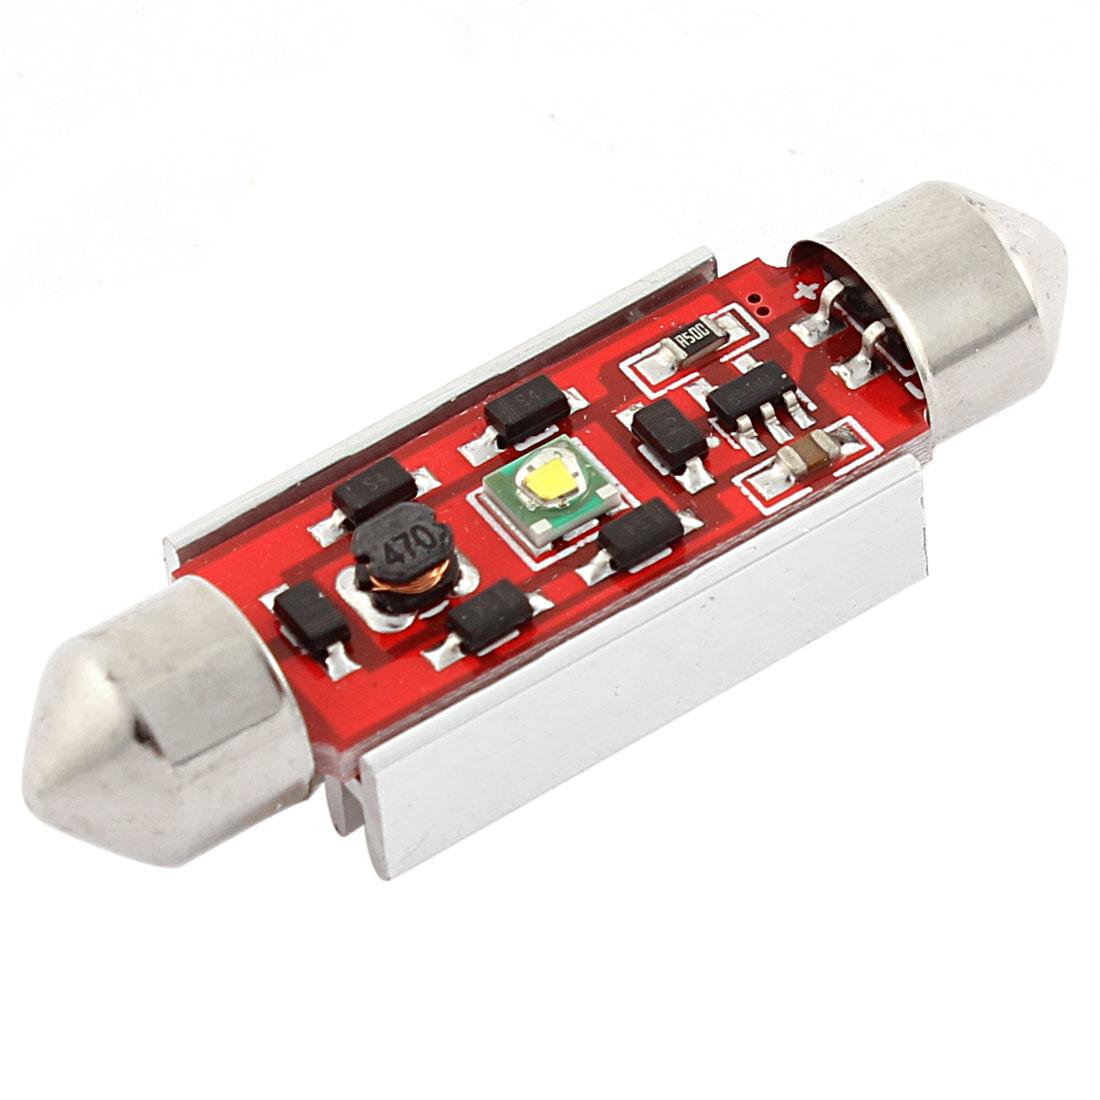 R3 1 LED 36mm Festoon 12V Car Internal Roof Light Lamp White 6423 6461 6418